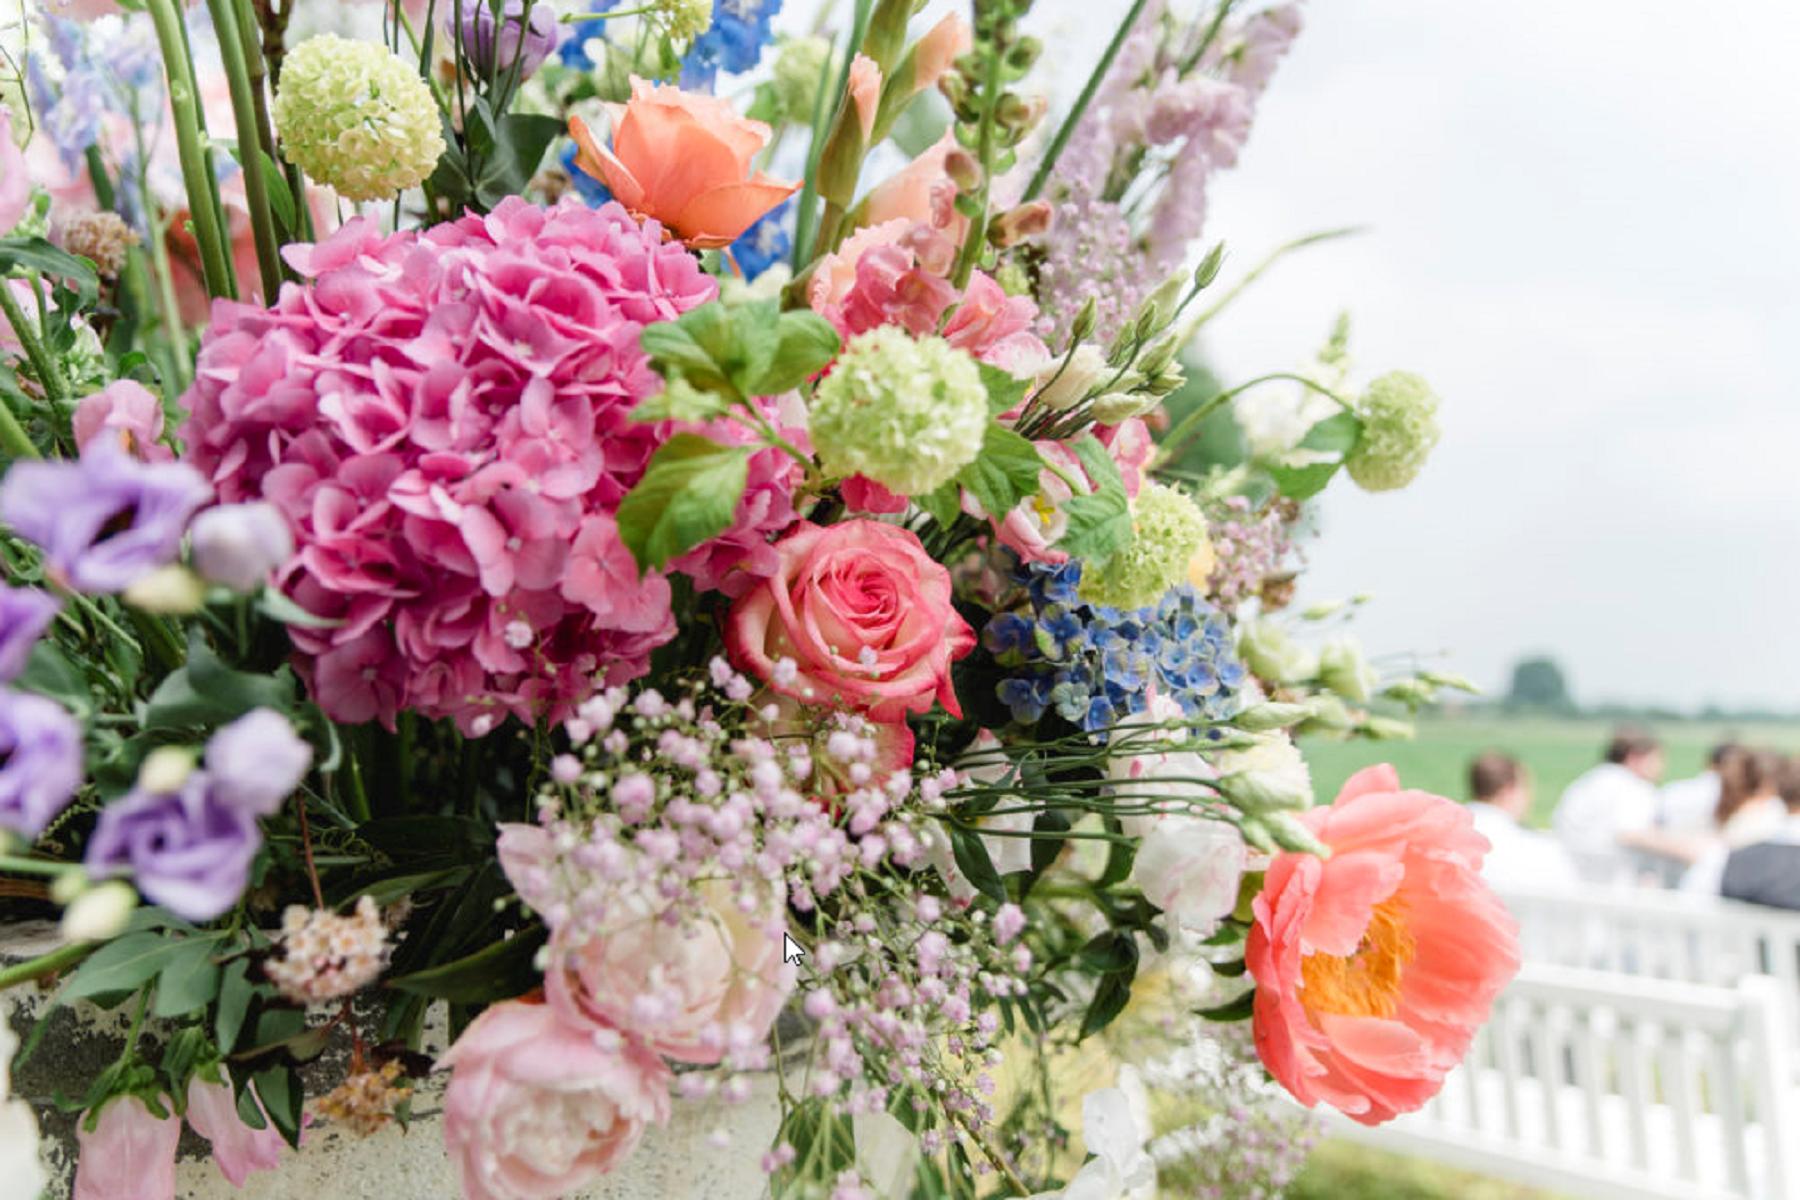 2016_08_03_13_05_04_Mediabibliotheek_Ten_Kate_flowers_decorations_WordPress_Microsoft_Edge